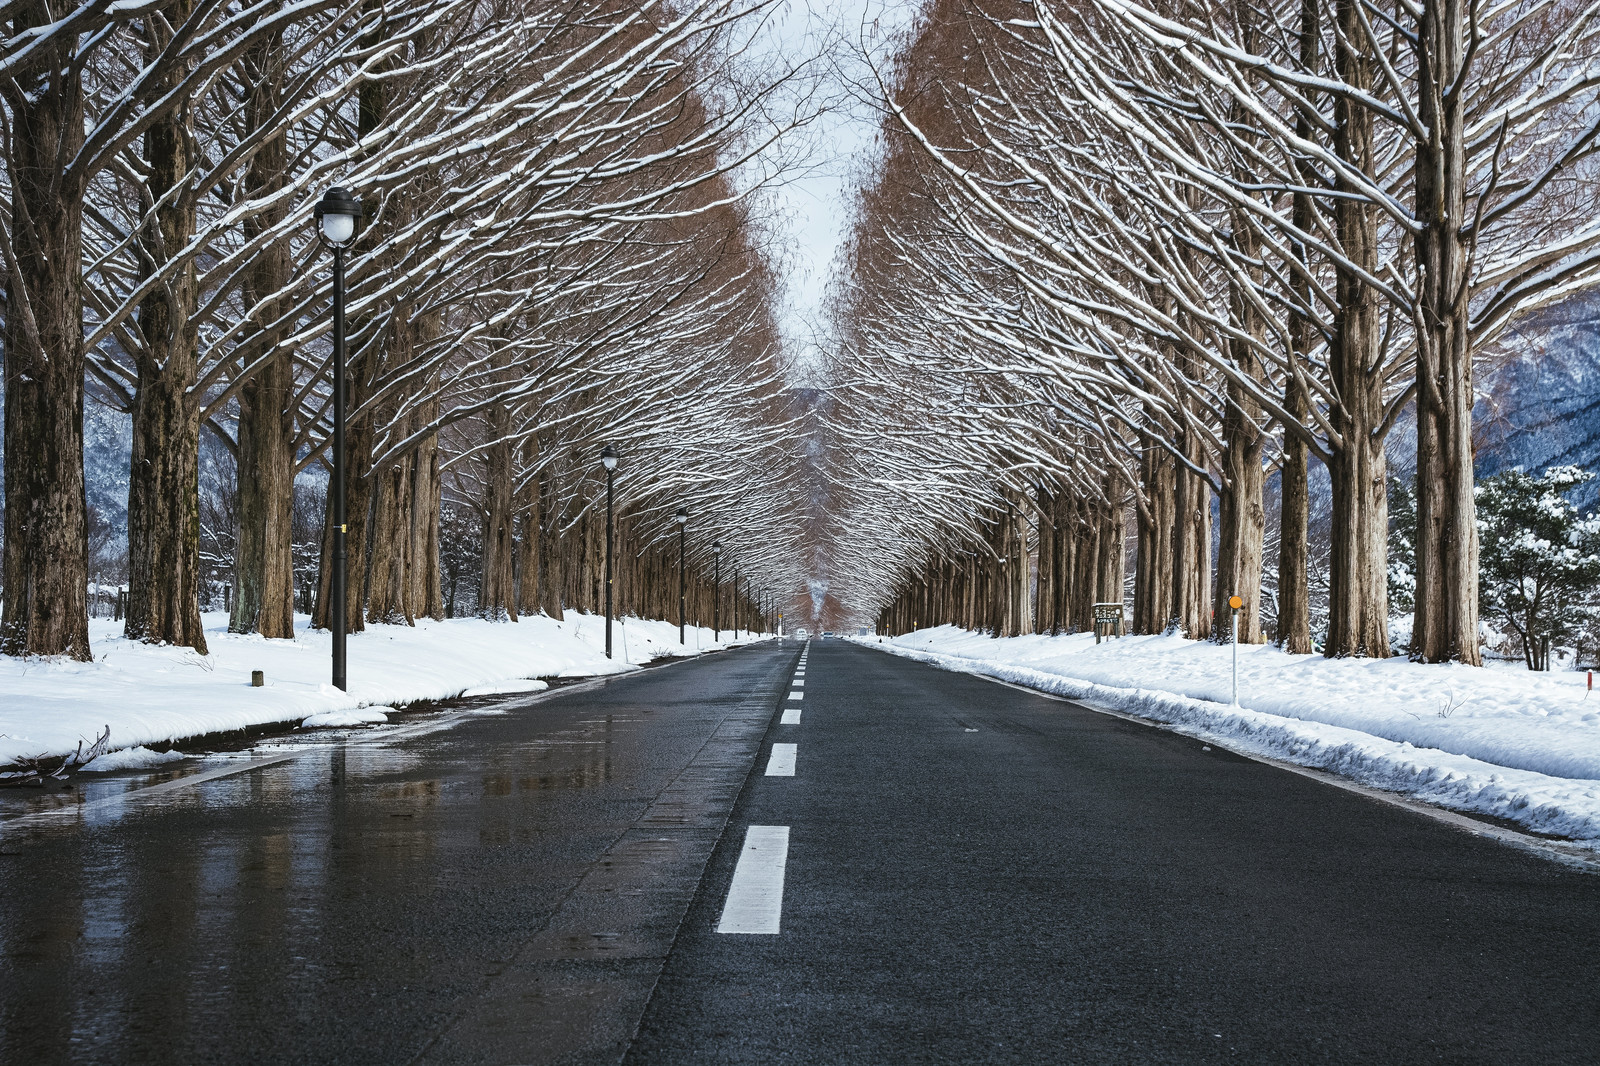 「雪解けに濡れた路面とメタセコイア(滋賀県高島市マキノ町)」の写真